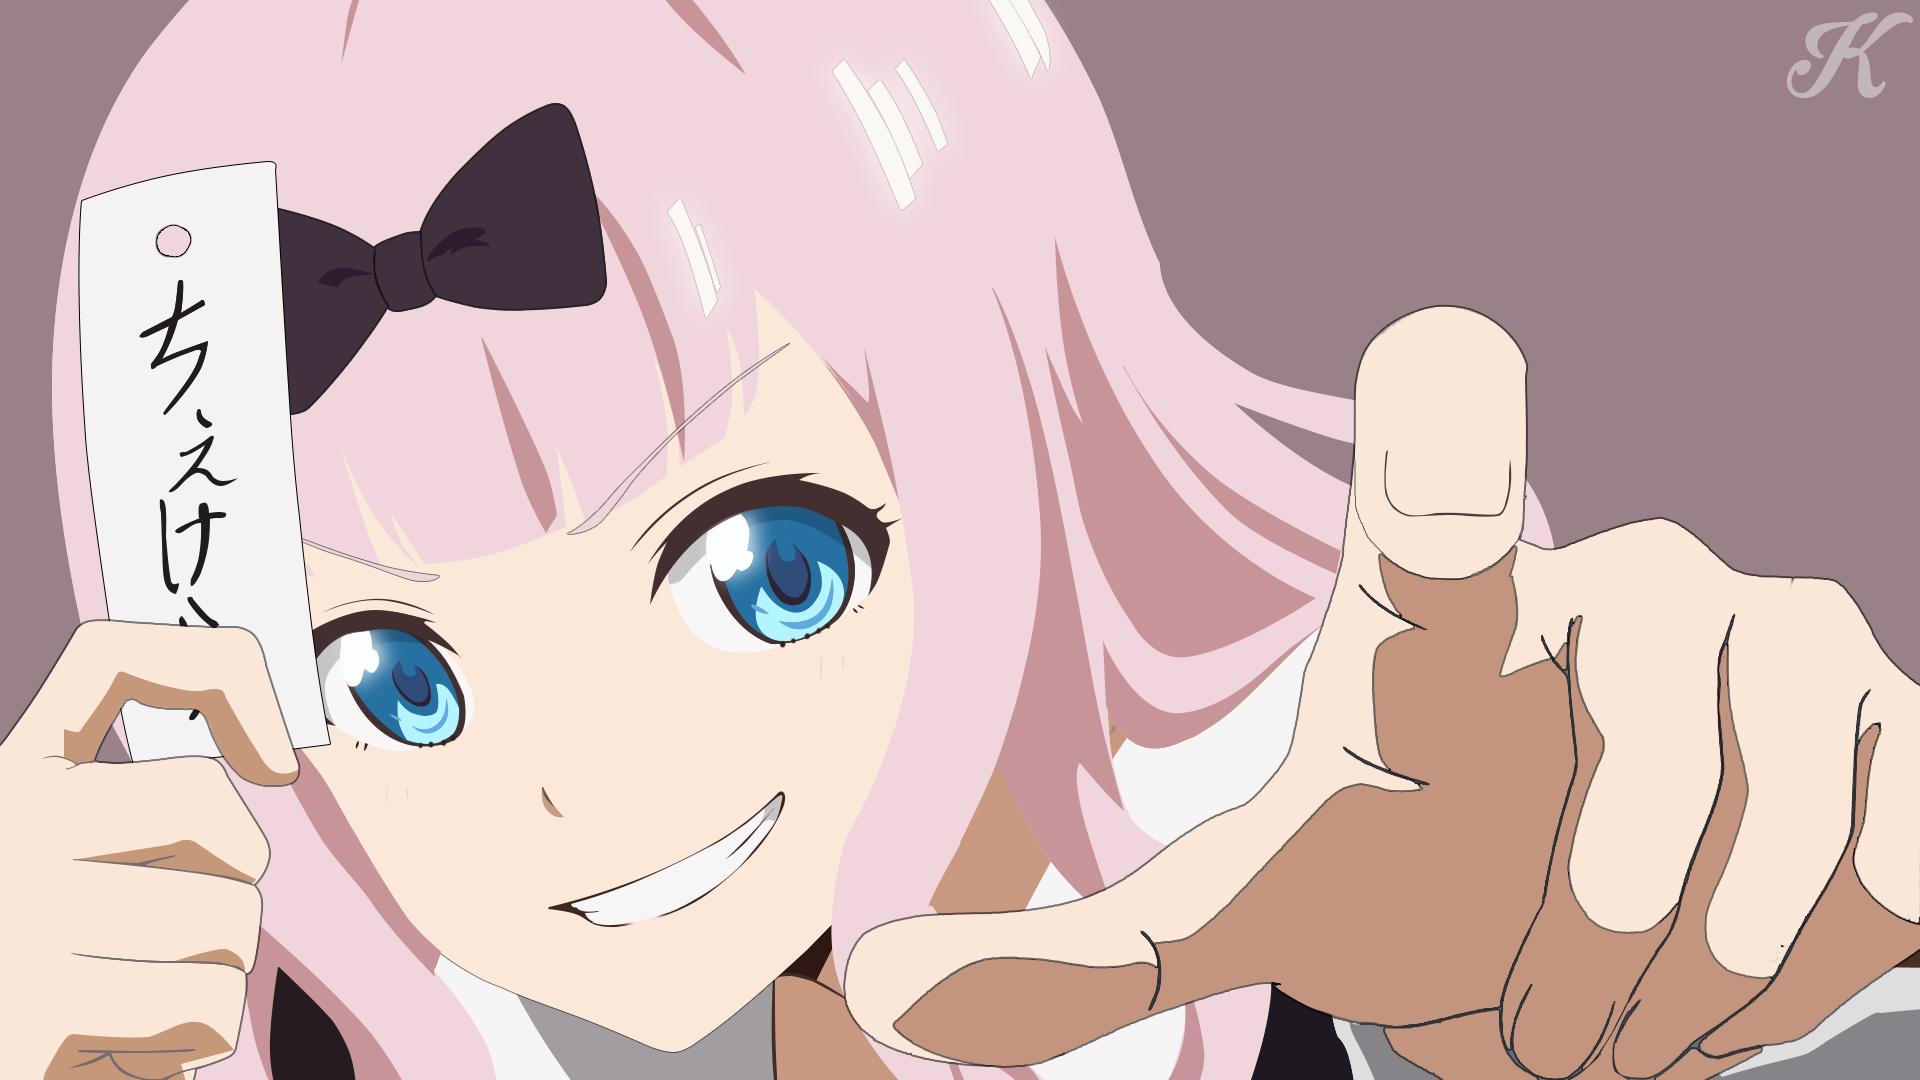 Anime Anime Girls Chika Fujiwara Kaguya Sama Love Is War